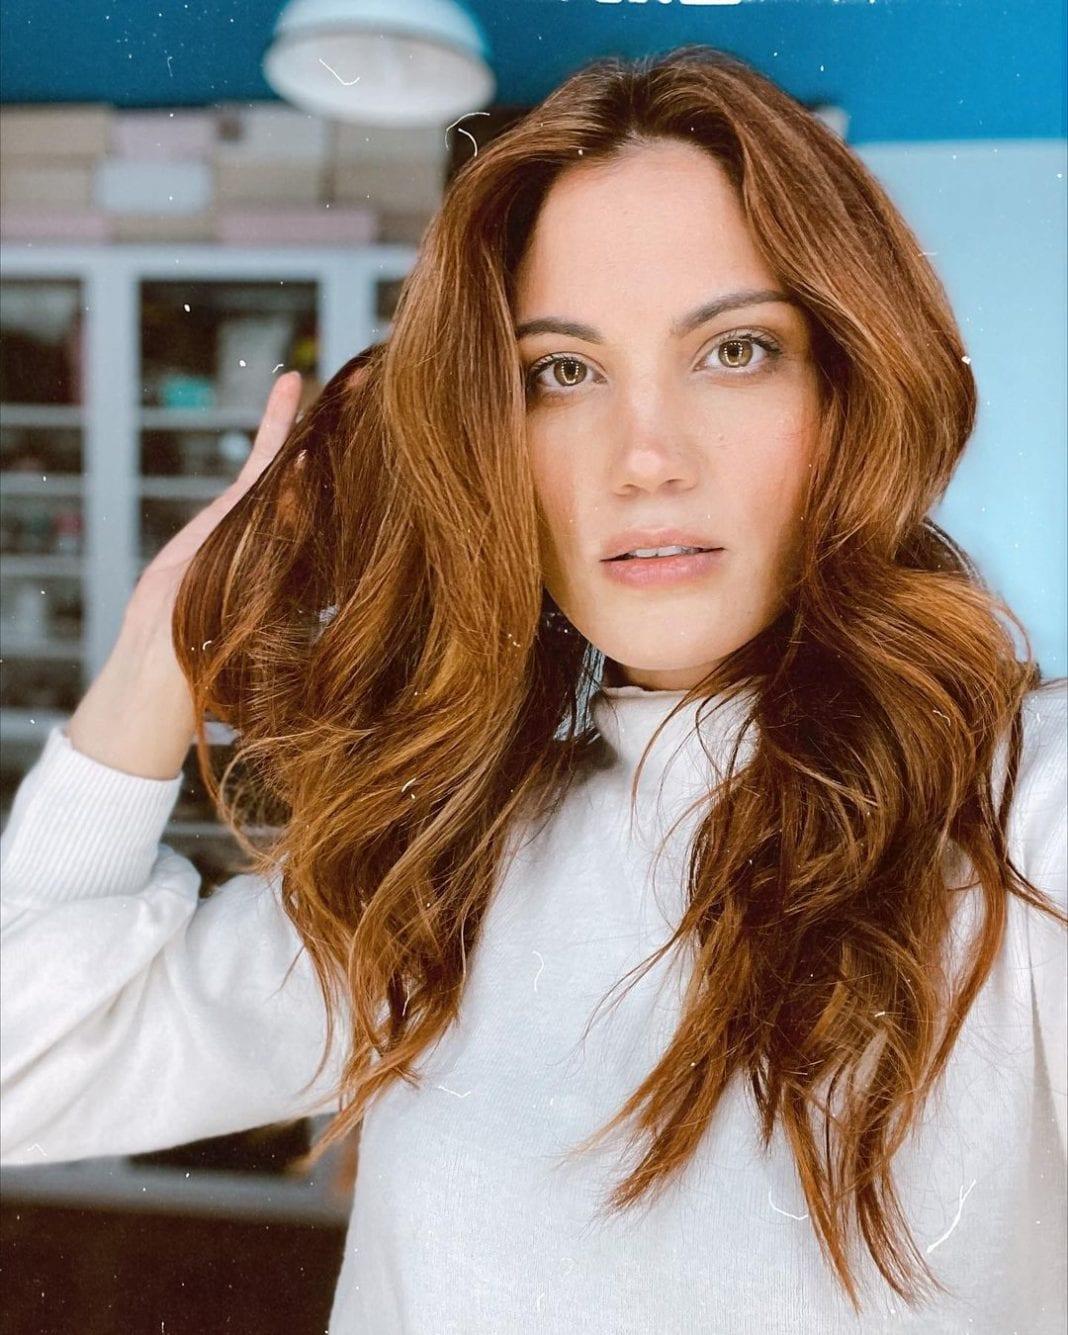 Μαίρη Συνατσάκη: Η αντίδρασή της όταν ρωτήθηκε αν συγκατοικεί με τον Ίαν Στρατή